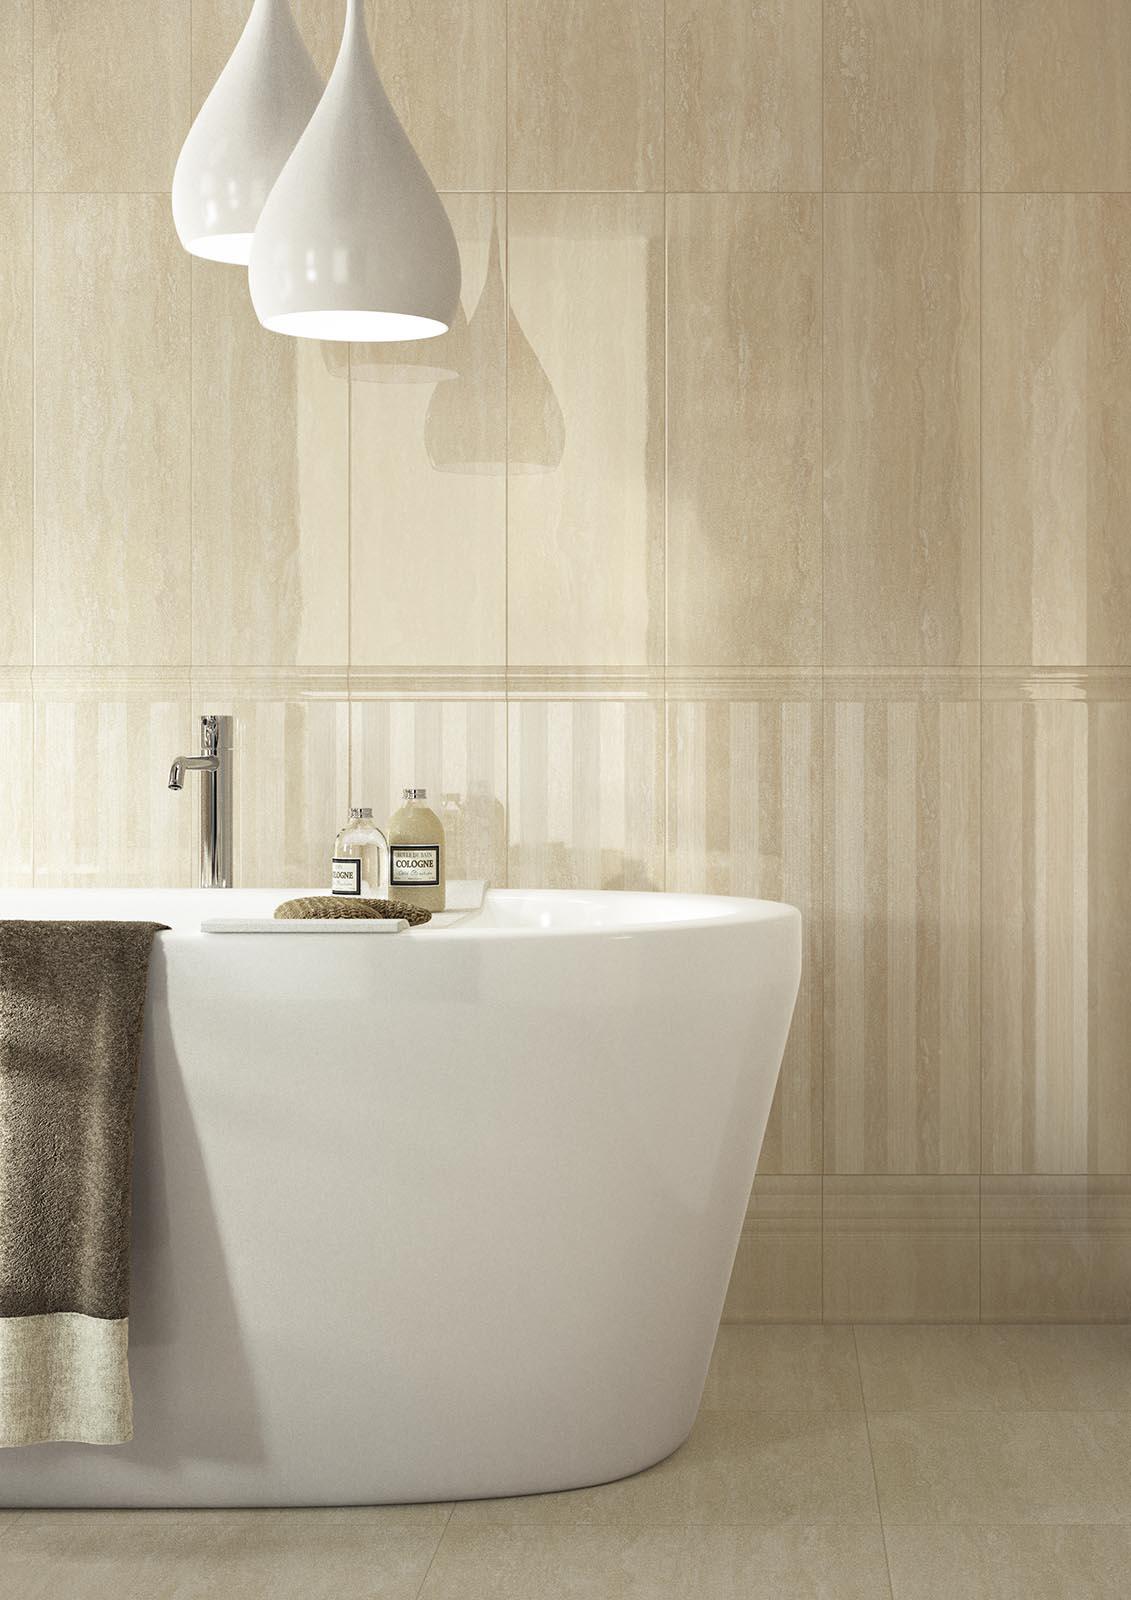 Marbleline piastrelle effetto marmo marazzi - Ceramiche per bagno marazzi ...